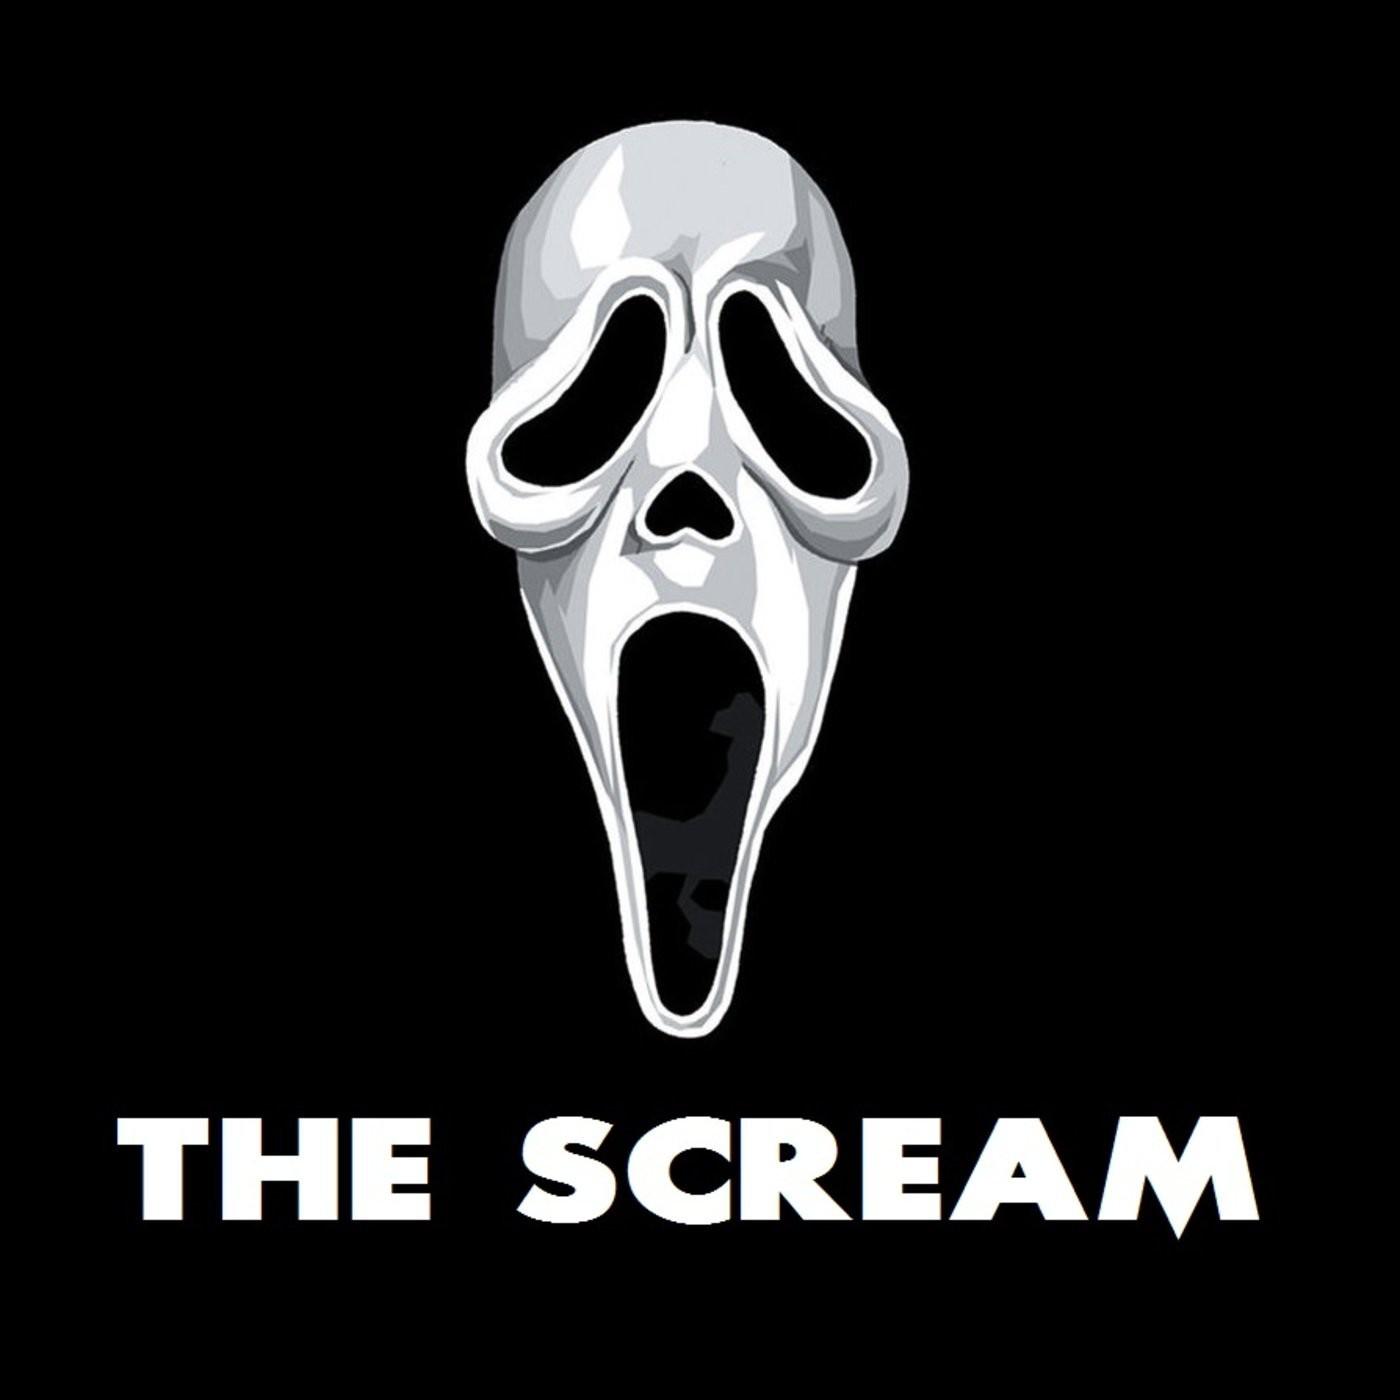 <![CDATA[The Scream]]>